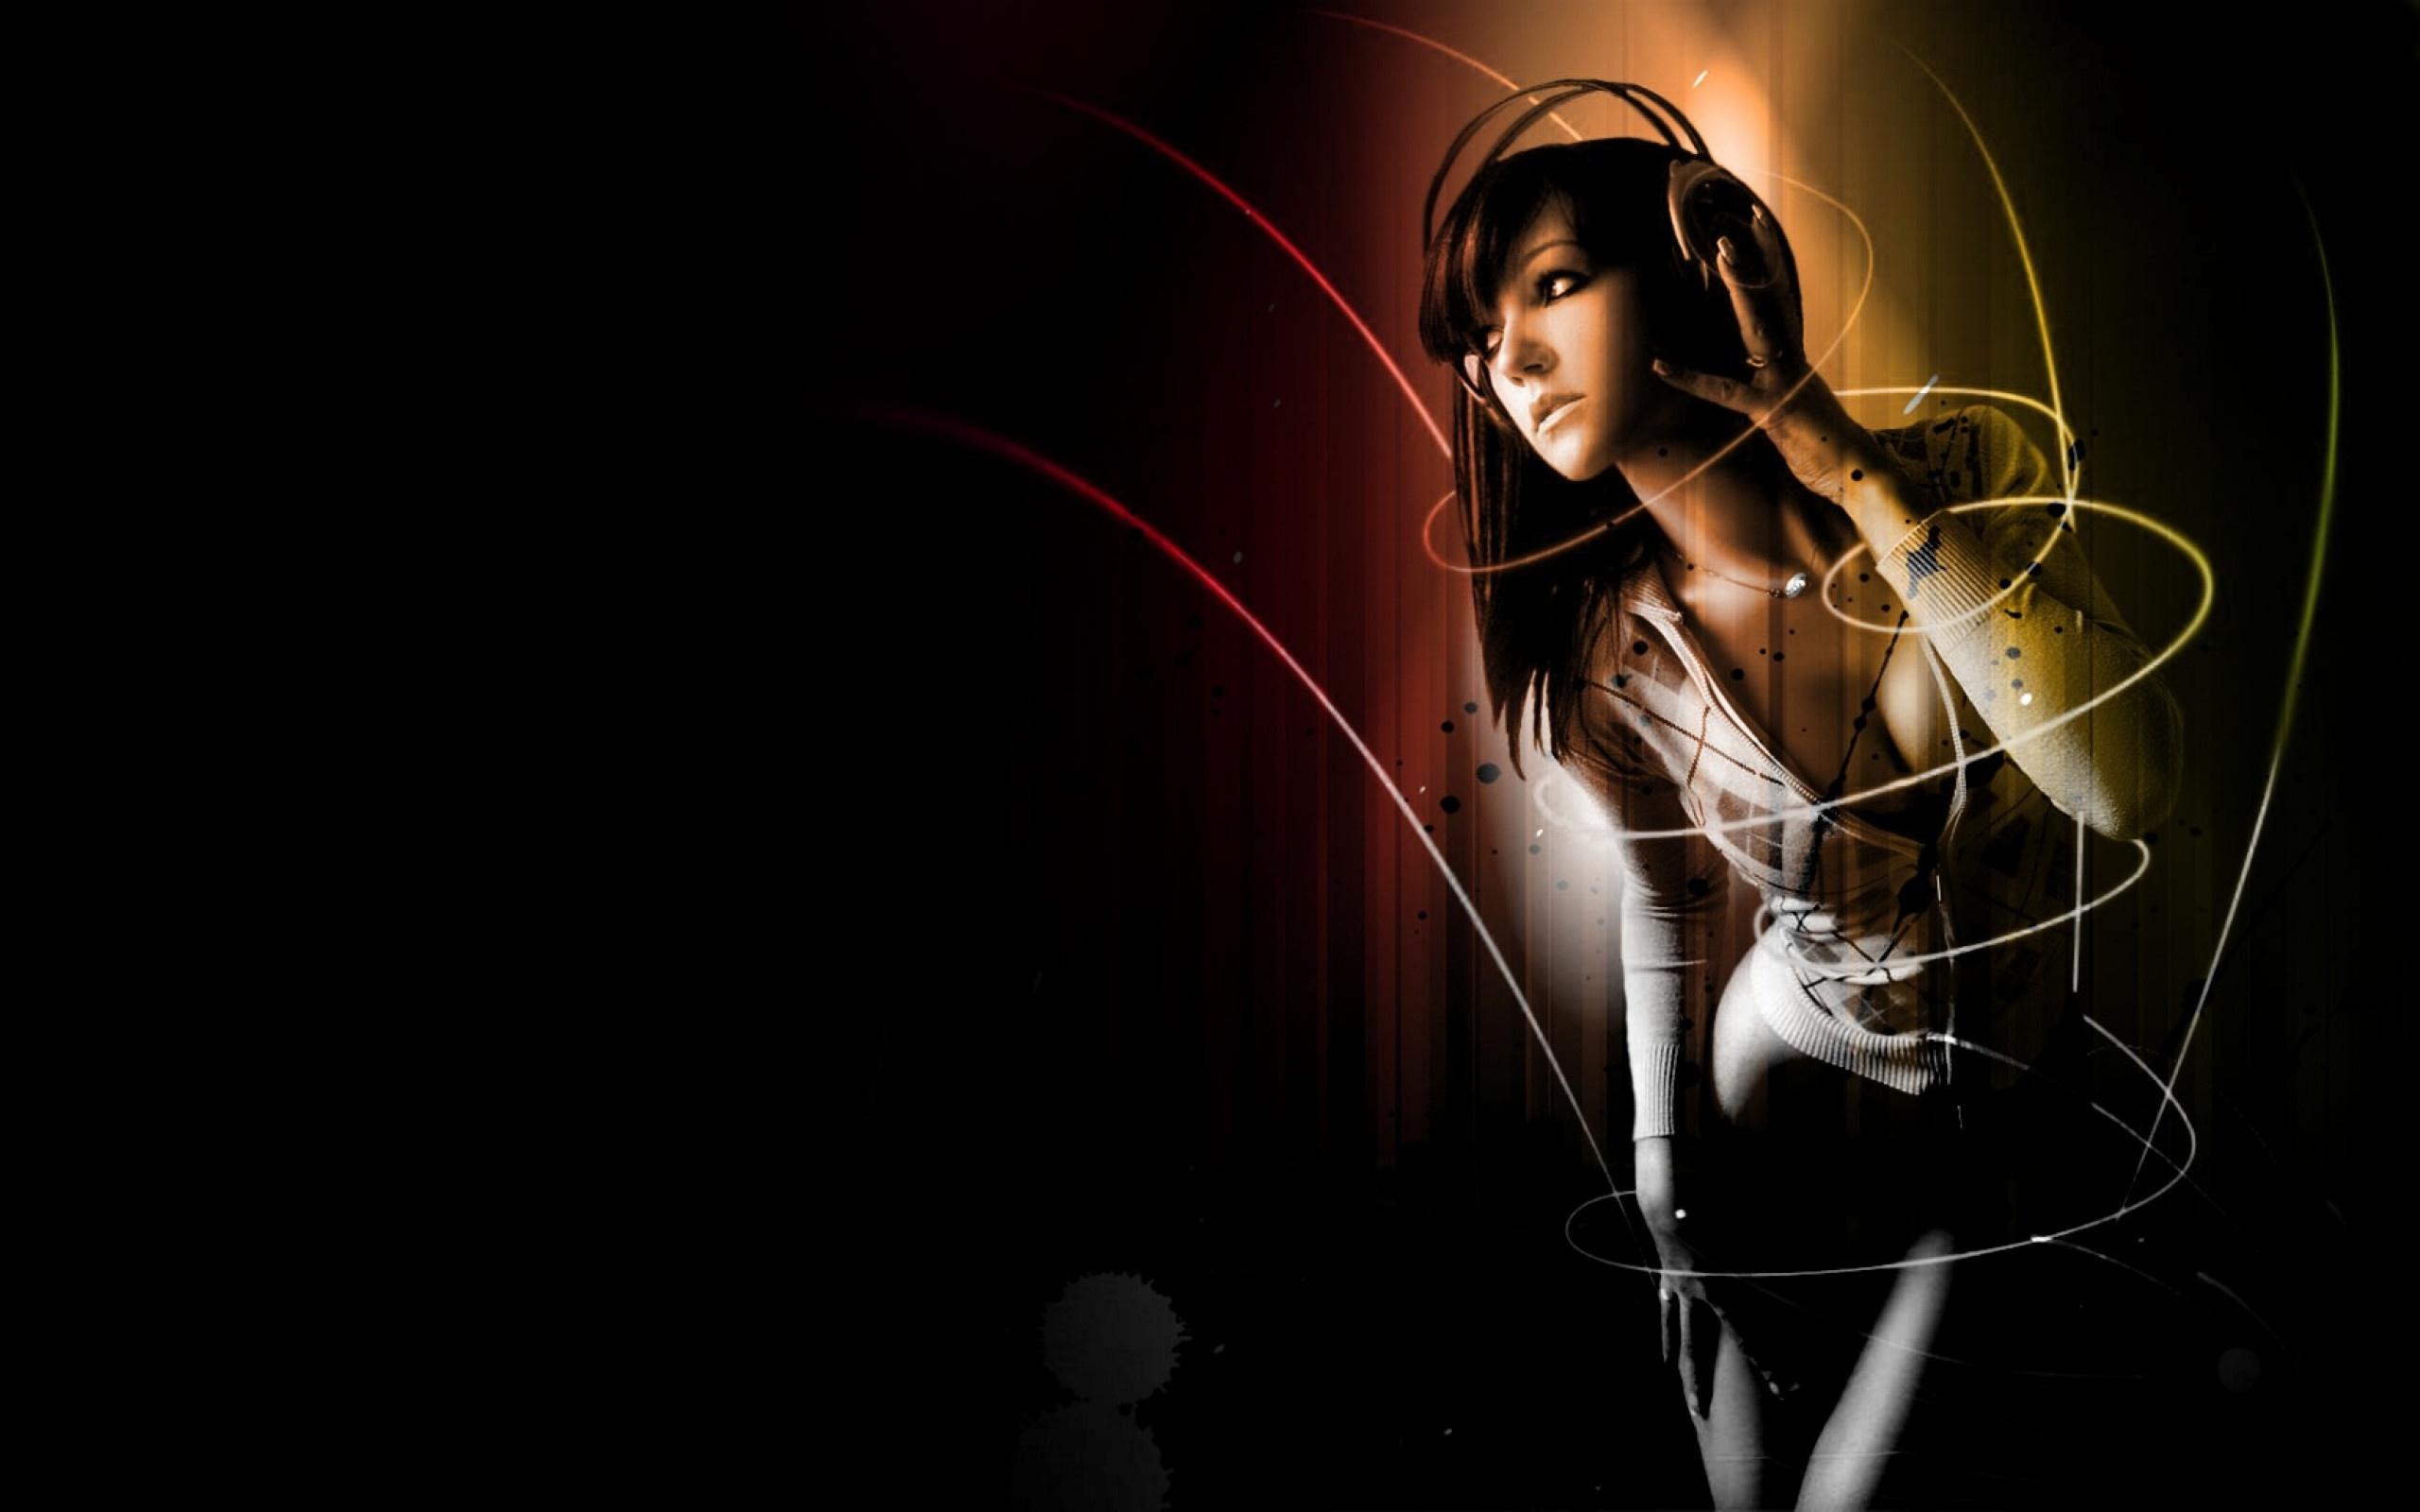 Music-listening-girl-2560x1600.jpg